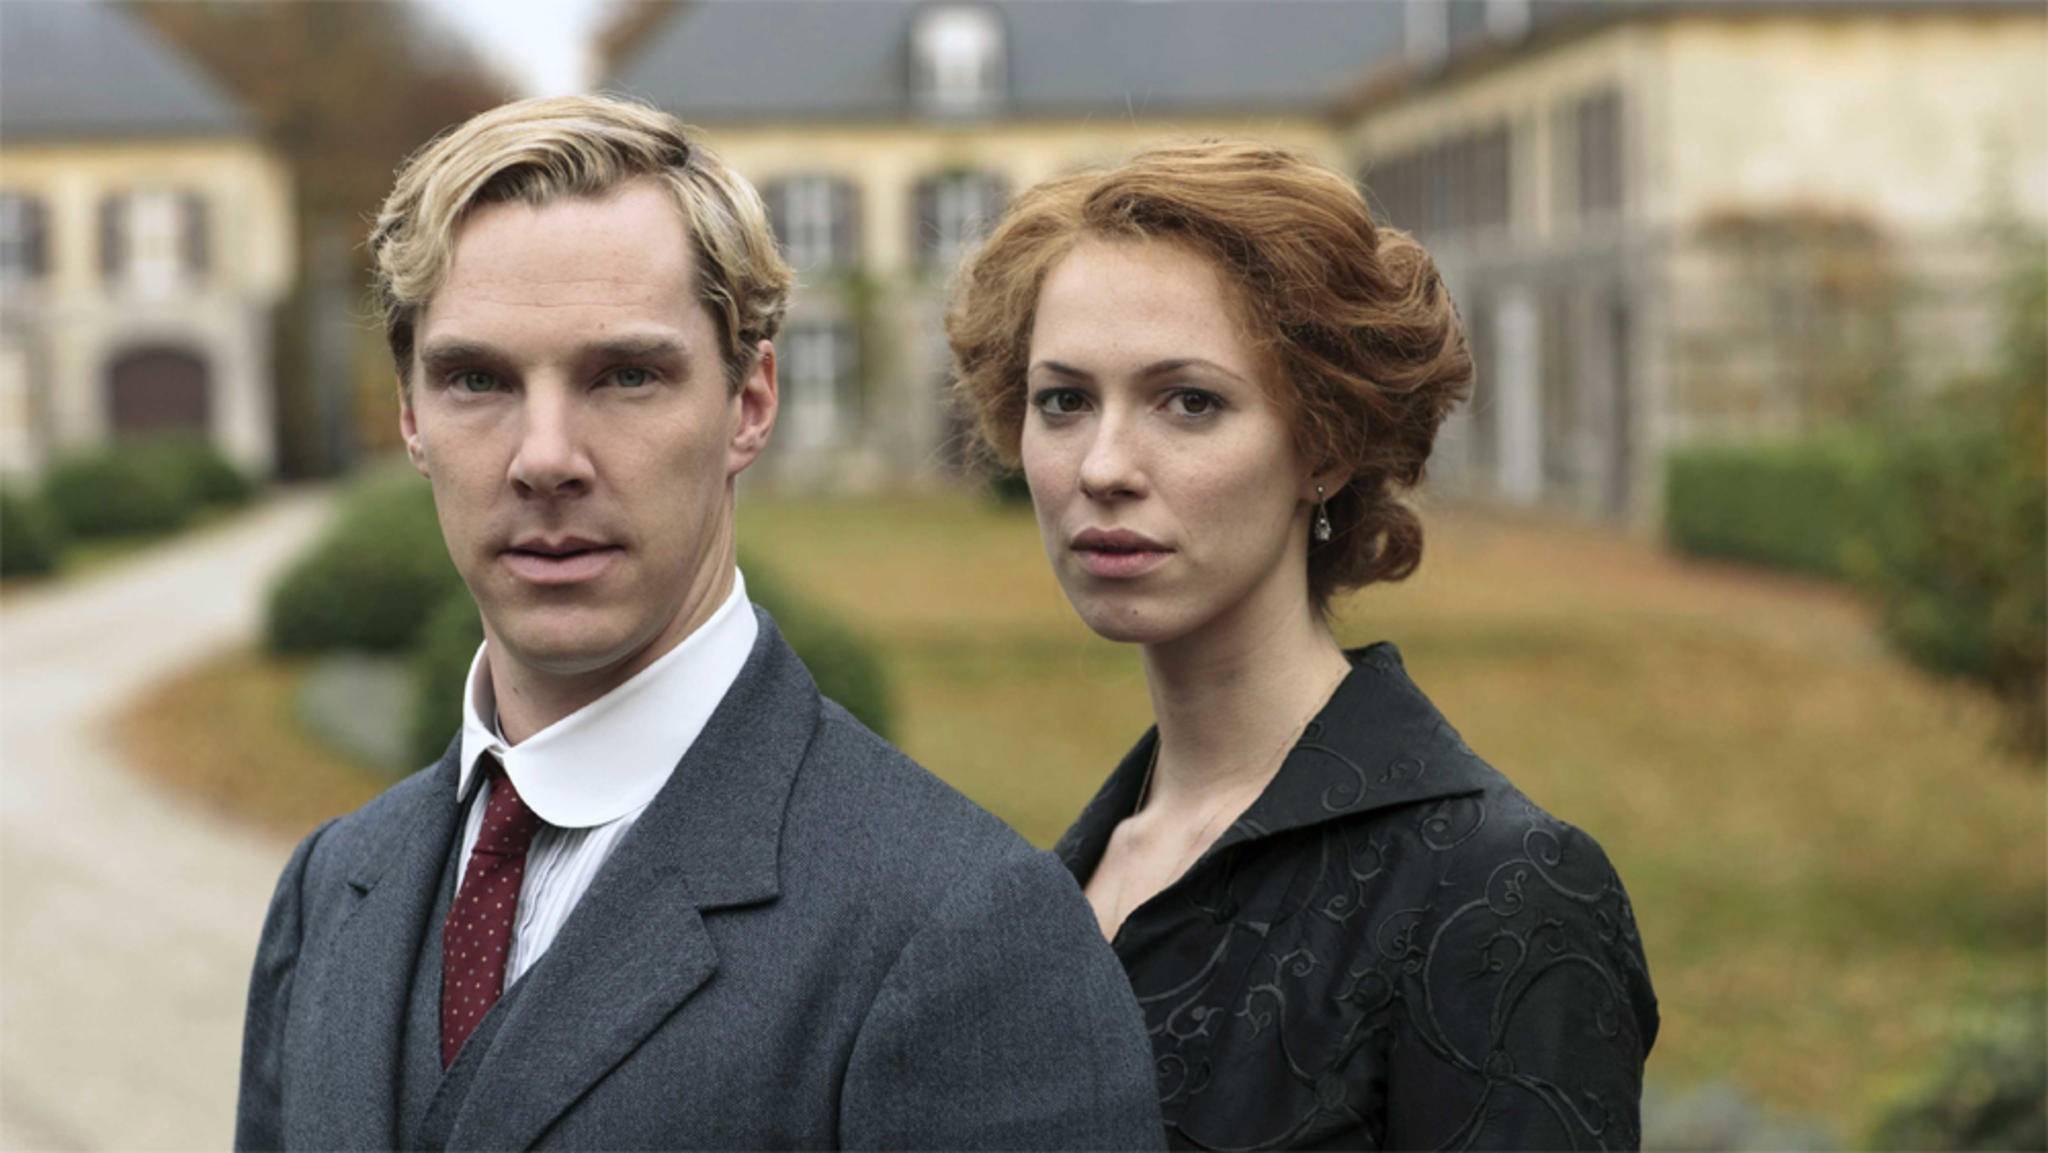 """Auch die Miniserie """"Parade's End"""" mit Benedict Cumberbatch in der Hauptrolle ist ein guter Ersatz für den """"Downton Abbey""""-Entzug."""